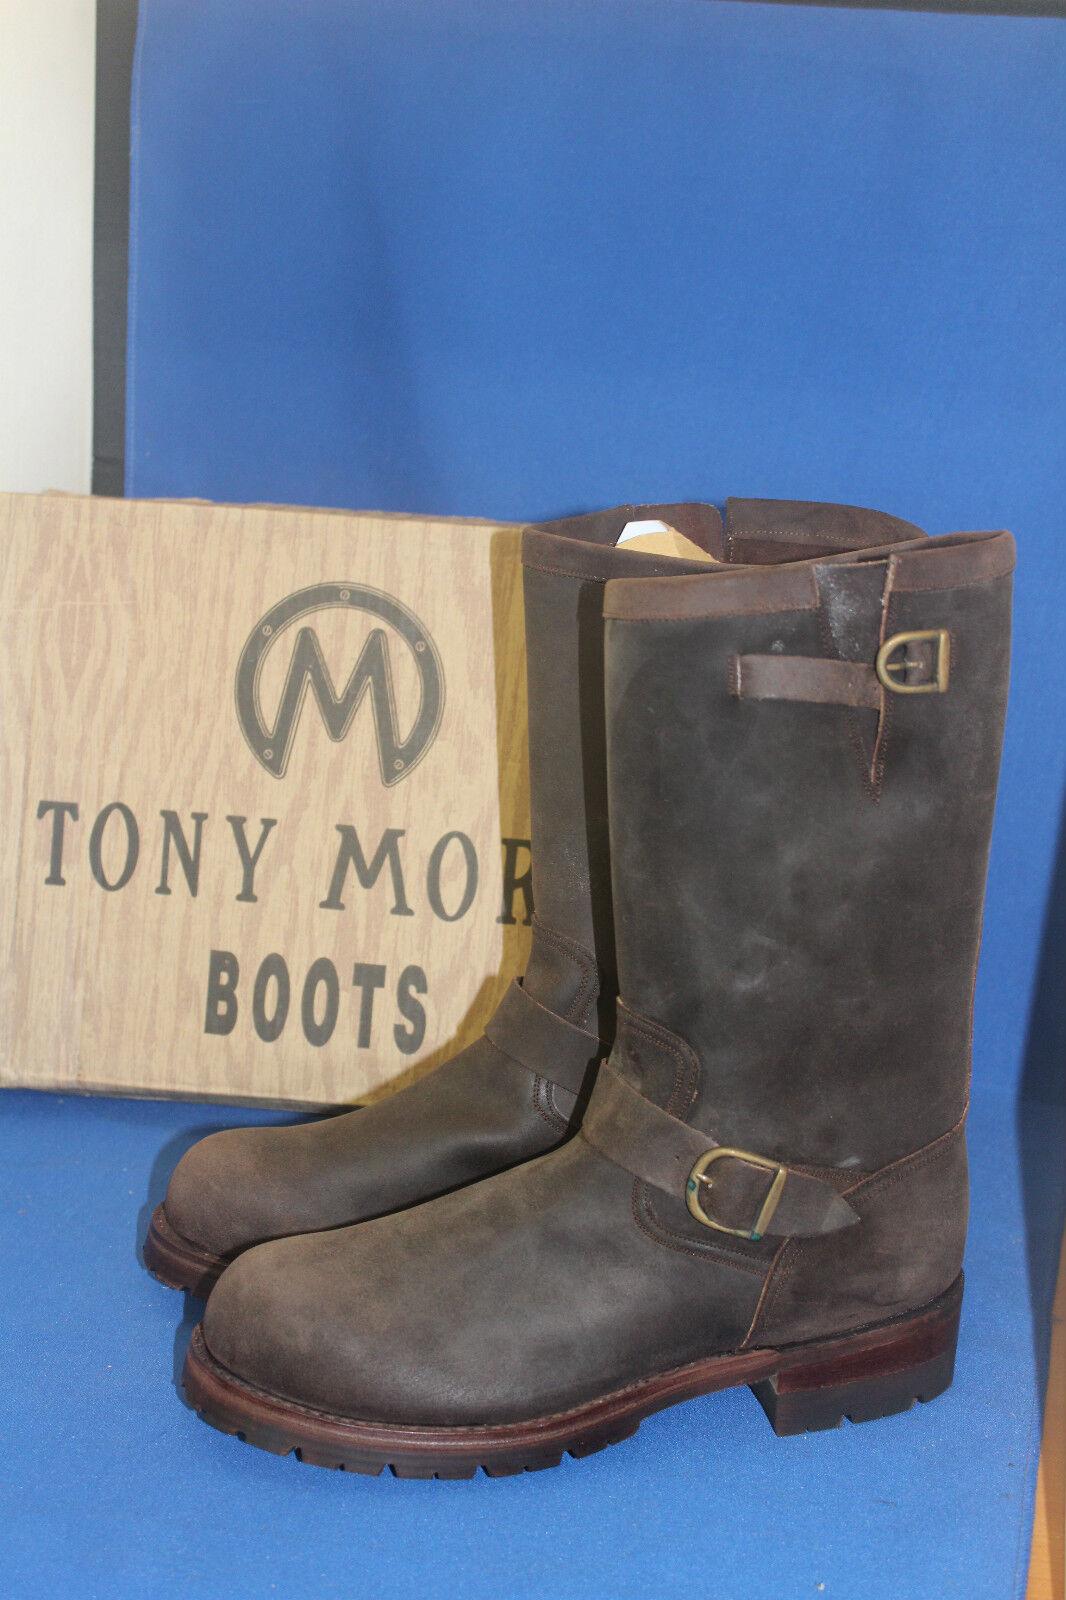 Tony mora botas botas motorista engineer Western botas vaqueras botas talla. 42 nuevo